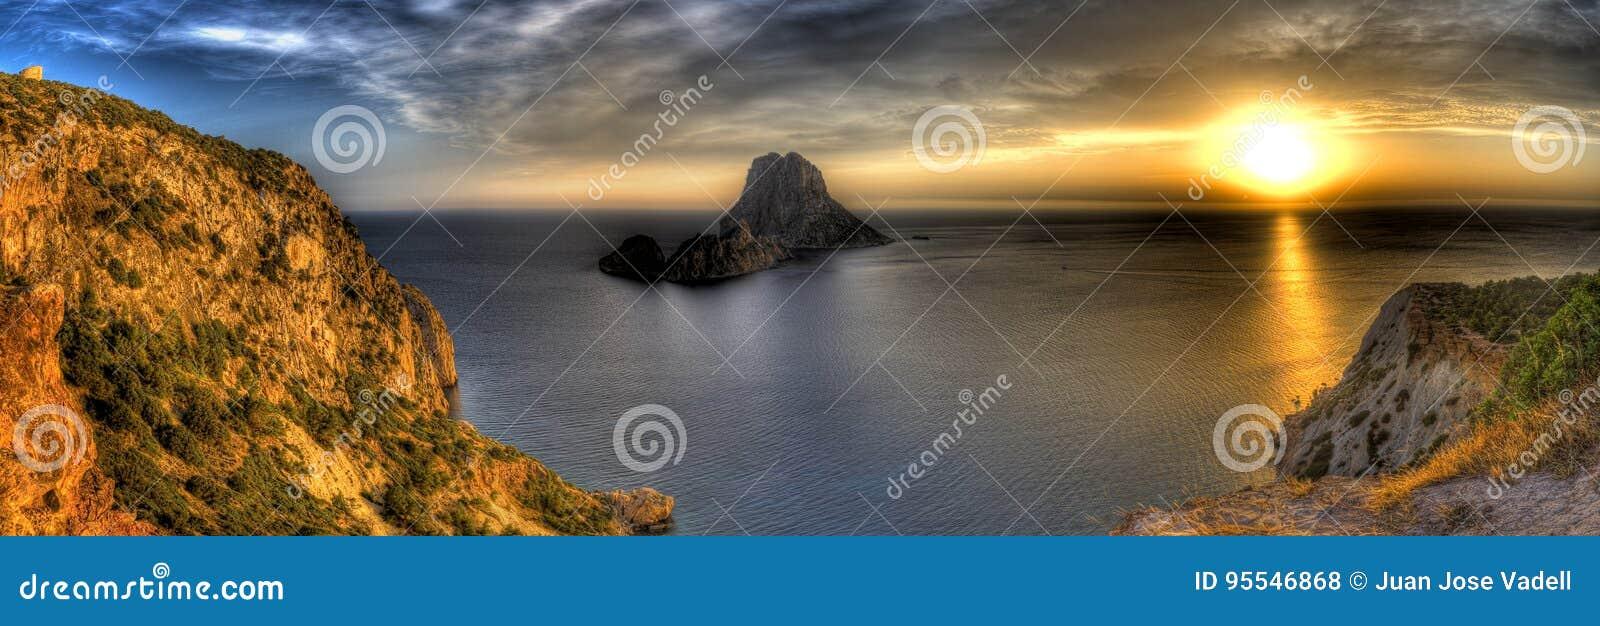 ES韦德拉-伊维萨岛